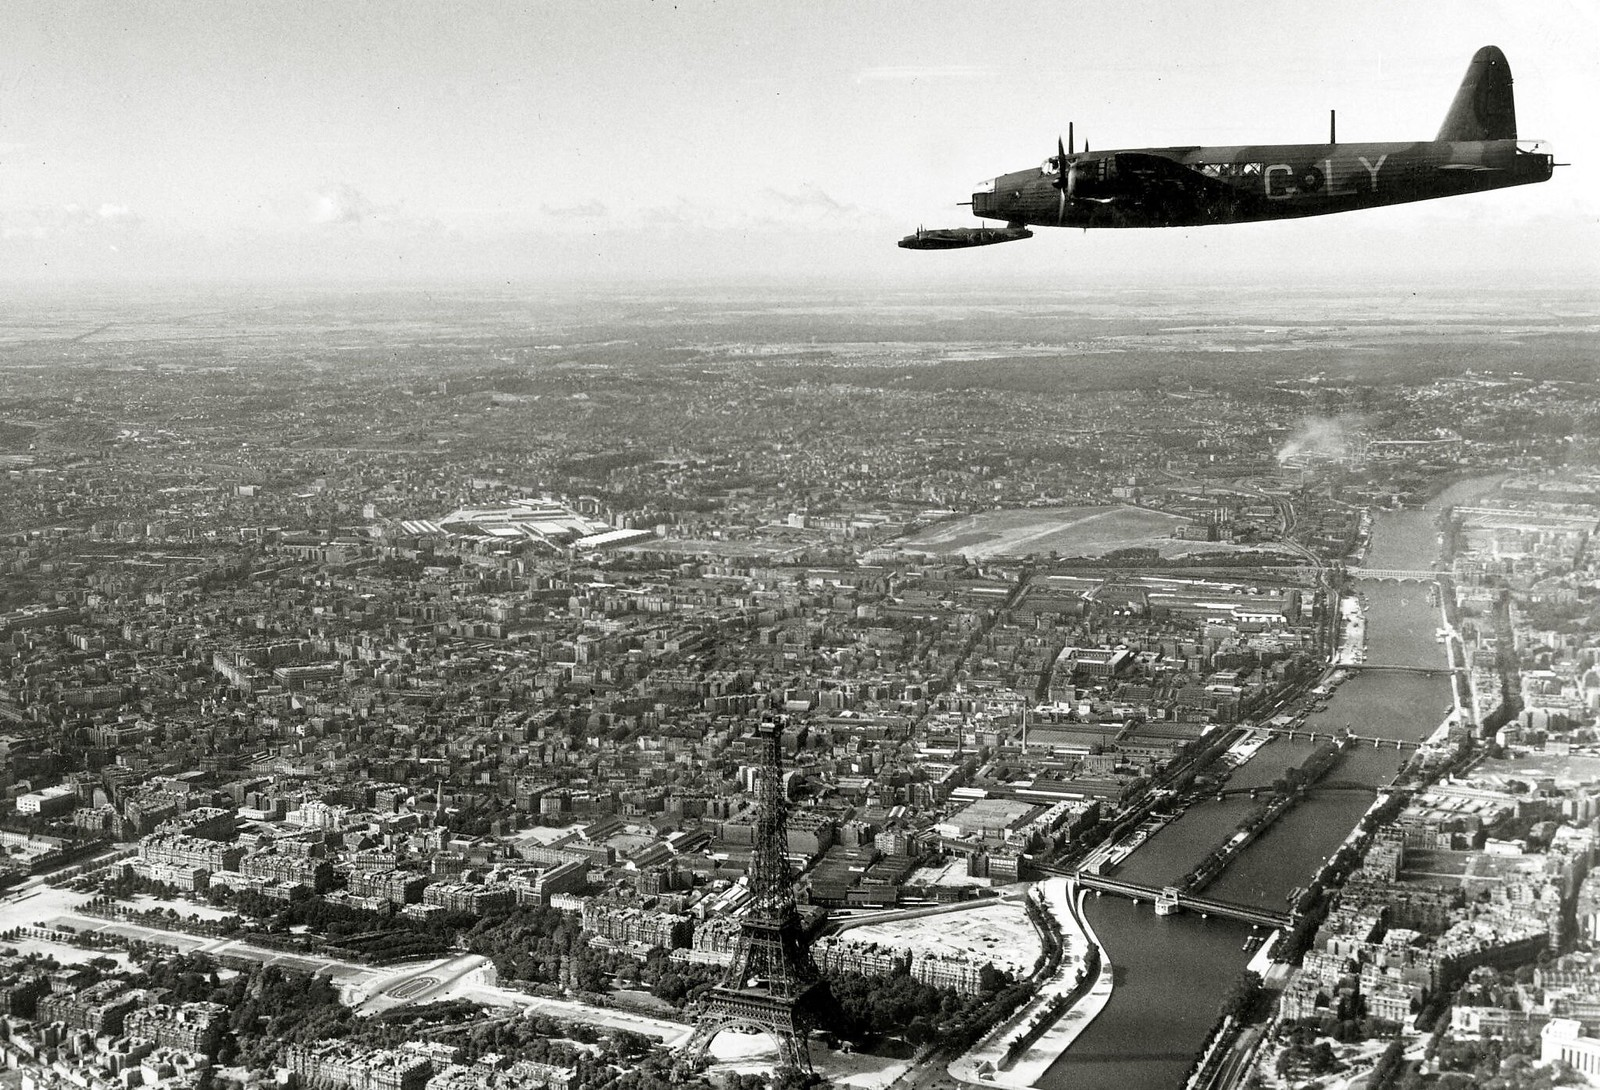 02. 1938. Британские бомбардировщики Веллингтон пролетели высоко над Эйфелевой башней и Парижем во время национального парада